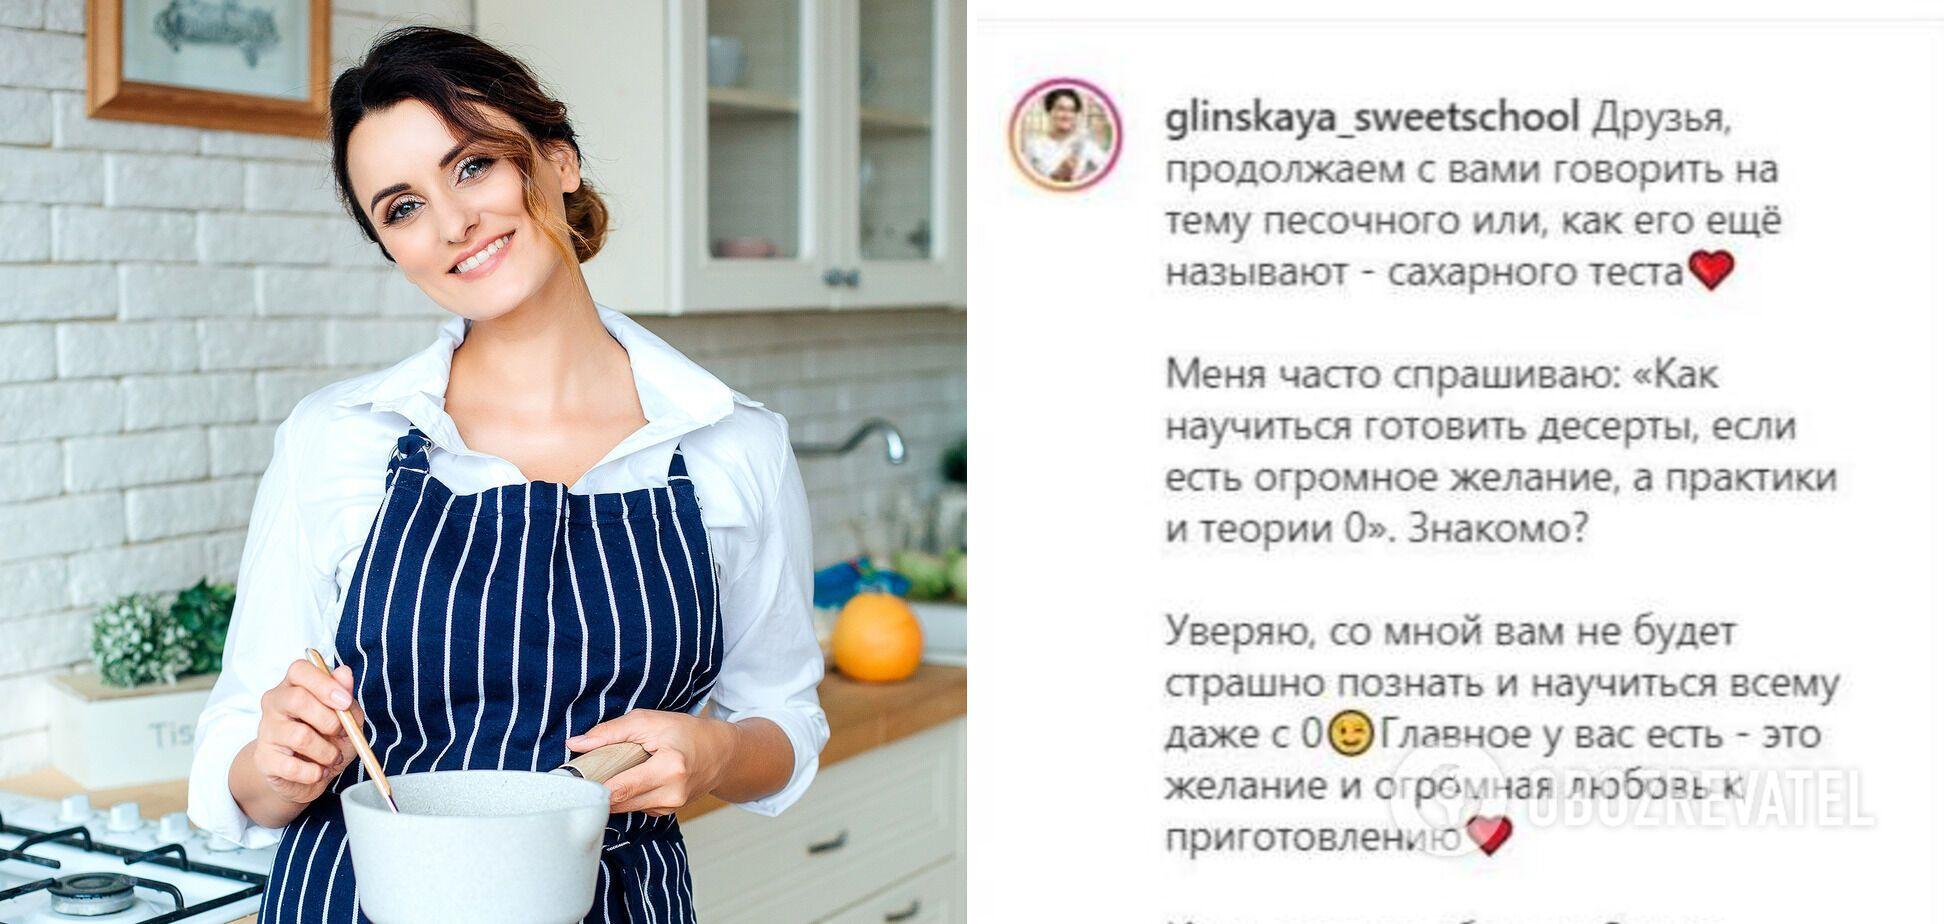 Шеф-кухарка Ліза Глинська поділилася секретами приготування